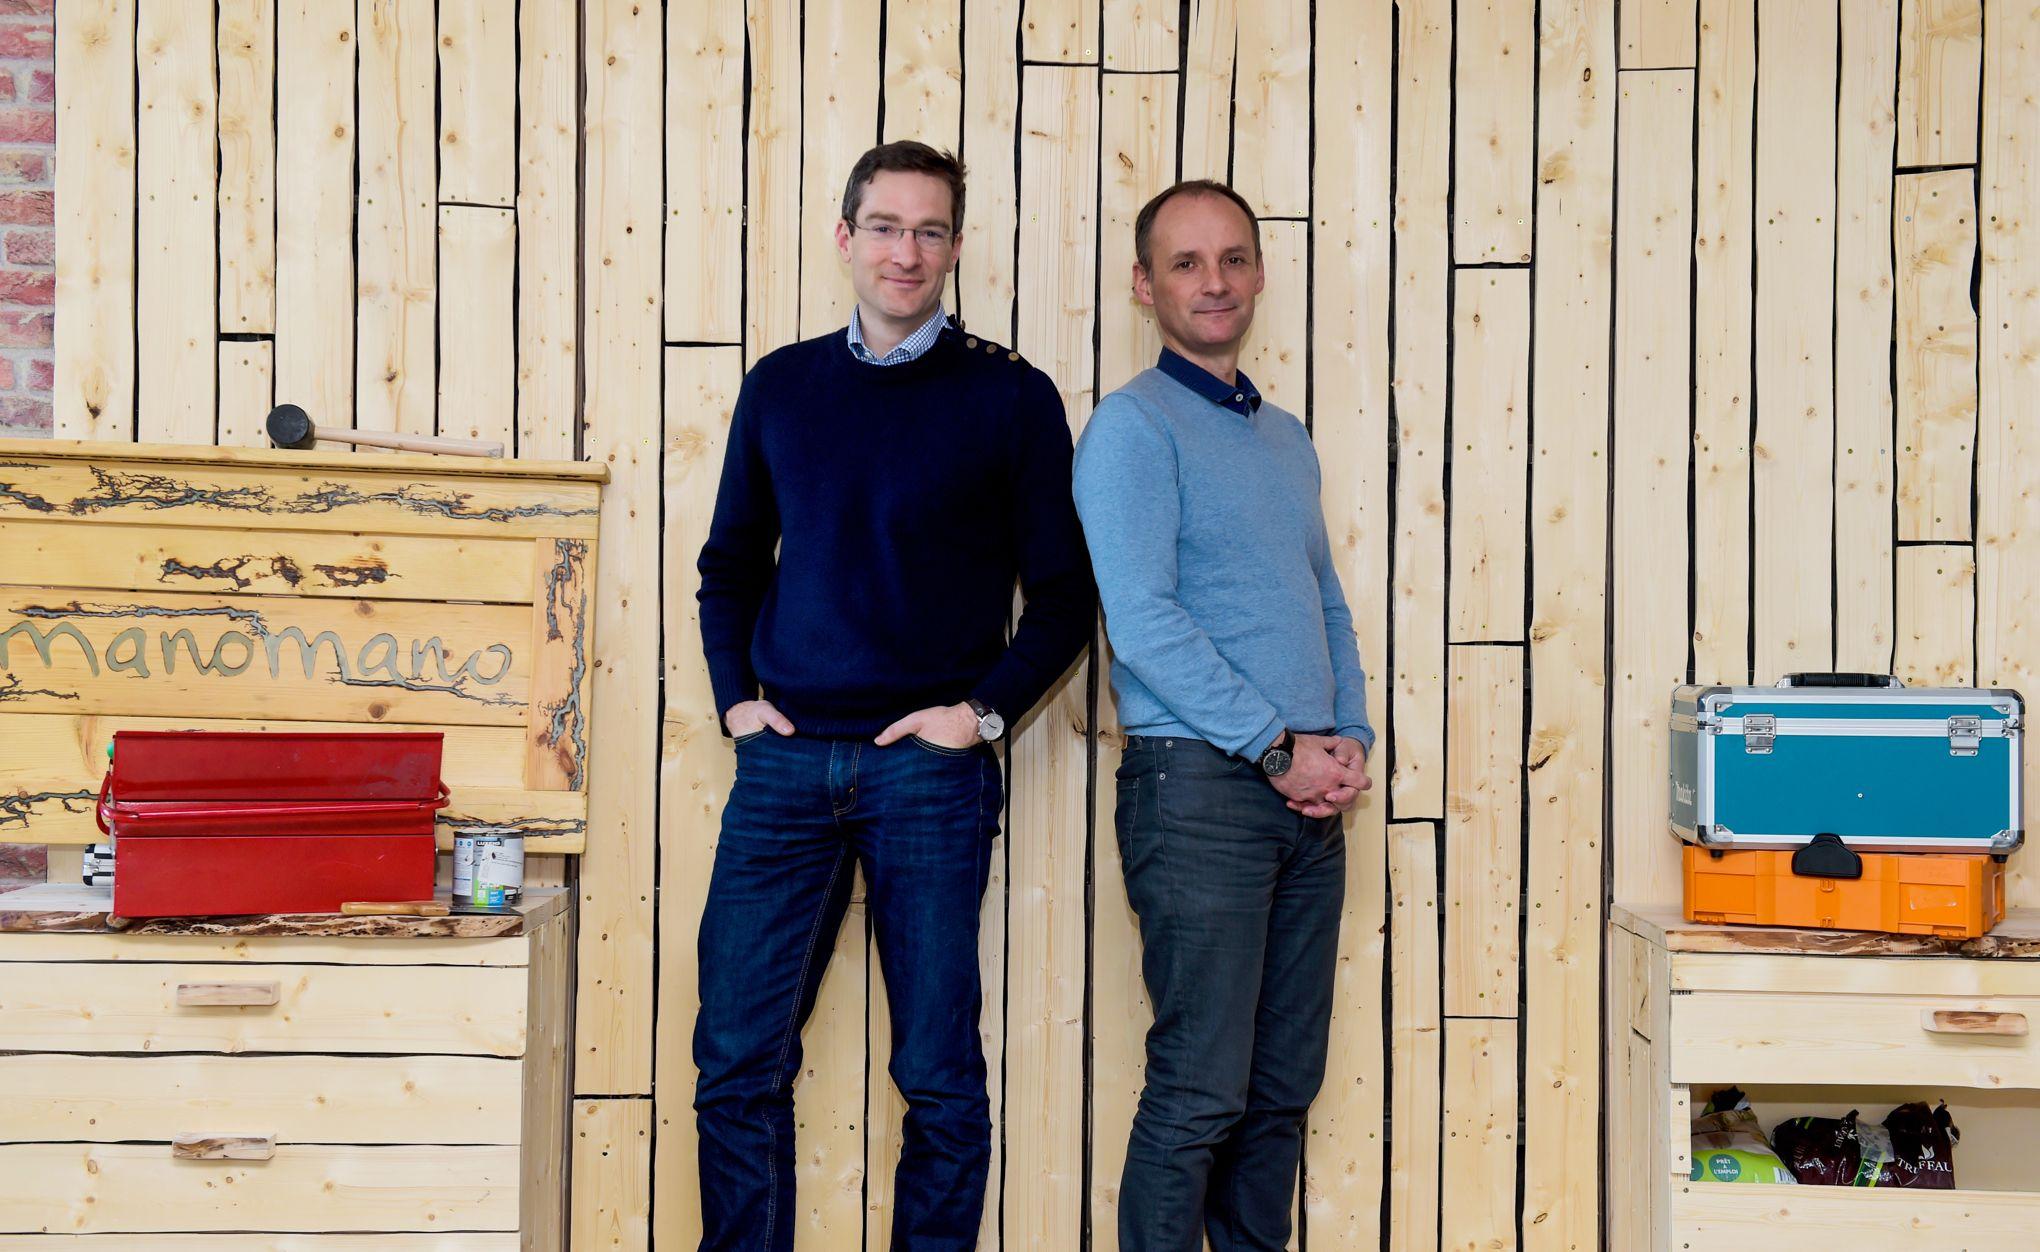 ManoMano lève des fonds pour se diversifier dans les services